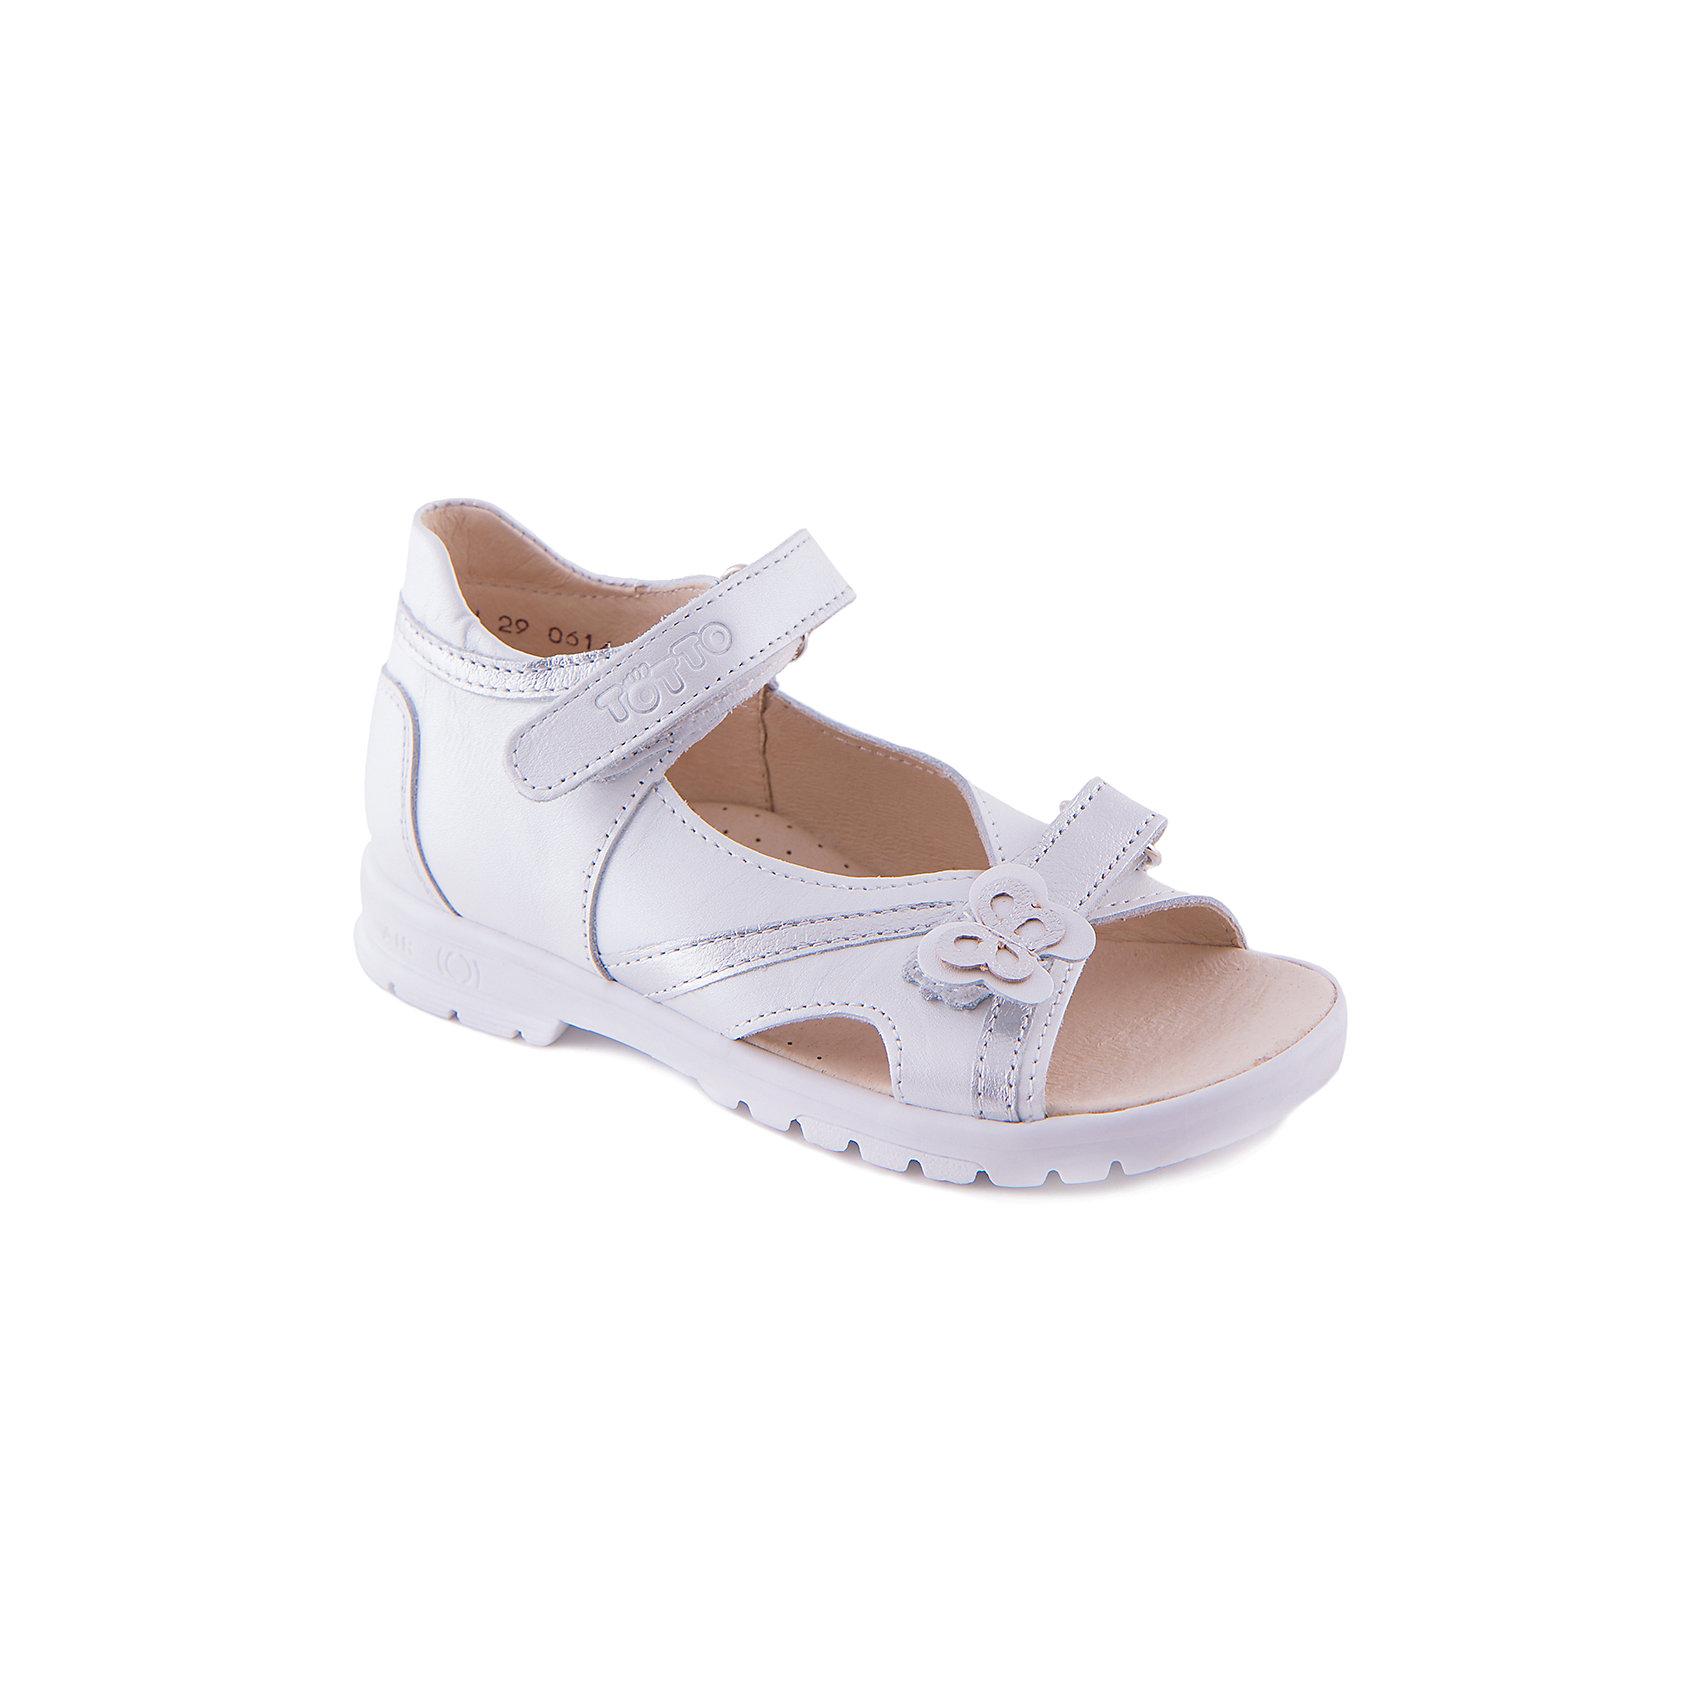 Сандалии для девочки ТоттоОртопедическая обувь<br>Сандалии для девочки от марки Тотто выполнены из натурально кожи, дополнены воздухопроницаемой ортопедической стелькой обеспечивающей комфорт и гигиеничность. Модель застегивается на липучки, декорирована вставками из серебряной кожи и небольшой кожаной бабочкой. Прекрасный вариант как для праздника, так и для повседневной носки.<br><br>Дополнительная информация:<br><br>- Тип застежки:  липучка.<br>- Декоративные элементы:  кожаные вставки, бабочка.<br>- Стелька с супинатором.<br>- Рифленая подошва.<br>Параметры для размера 27<br>- Толщина подошвы: 1 см<br>- Высота каблука: 2 см.<br>- Длина стопы: 16,5 см.<br>Состав:<br>верх - натуральная кожа,<br>подкладка - натуральная кожа,<br>подошва - термоэластопласт.<br><br>Сандалии для девочки Тотто можно купить в нашем магазине.<br><br>Ширина мм: 219<br>Глубина мм: 154<br>Высота мм: 121<br>Вес г: 343<br>Цвет: белый<br>Возраст от месяцев: 60<br>Возраст до месяцев: 72<br>Пол: Женский<br>Возраст: Детский<br>Размер: 29,27,28,30<br>SKU: 4233161